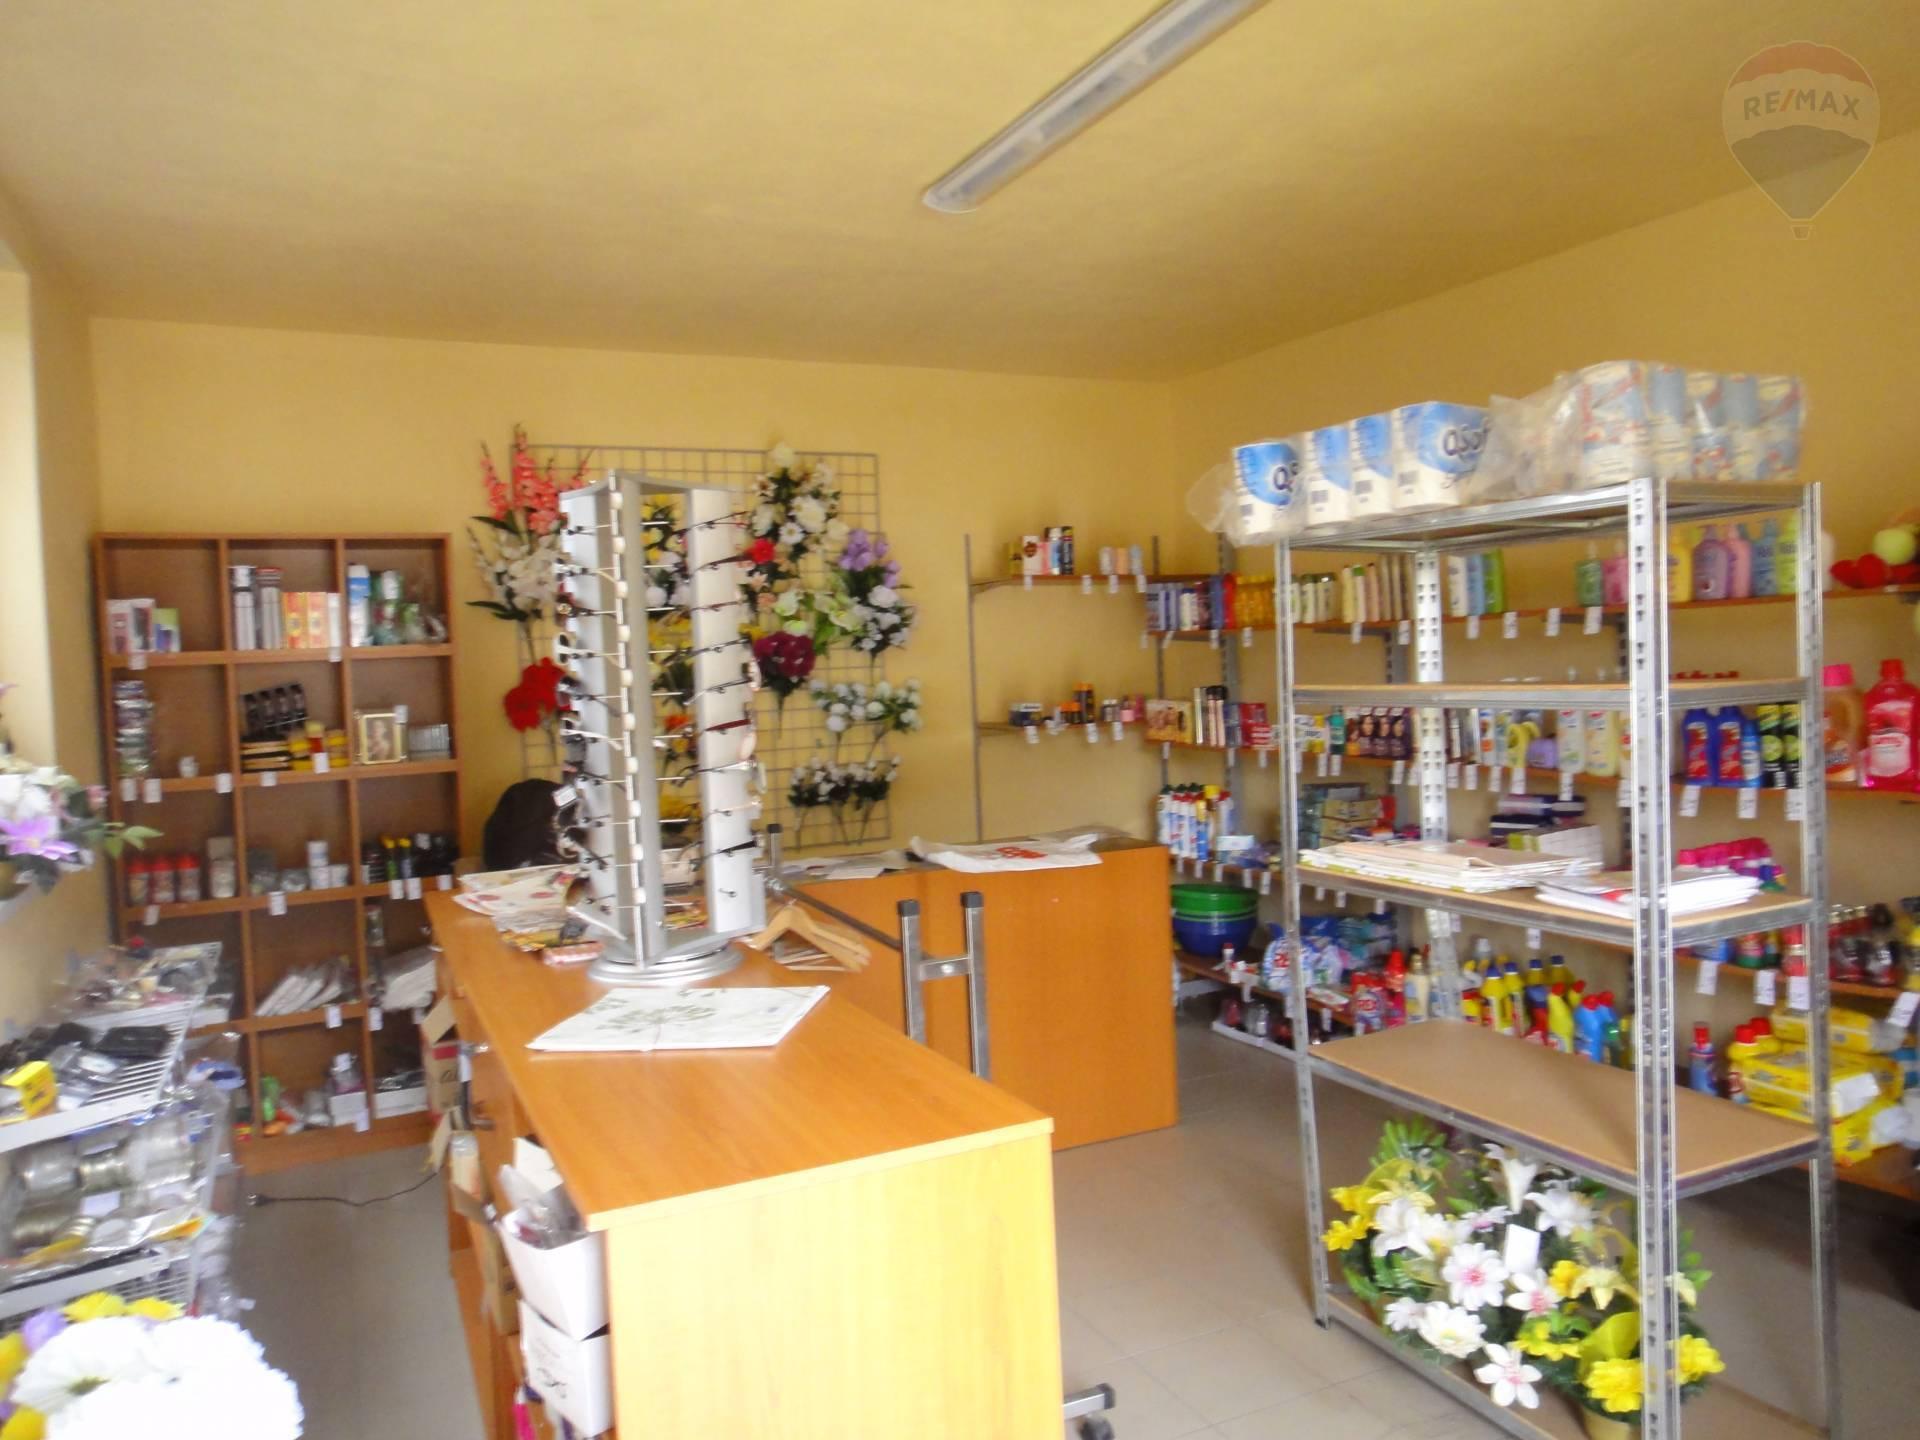 Predaj komerčného priestoru 754 m2, Horný Pial - predajňa rozličného tovaru